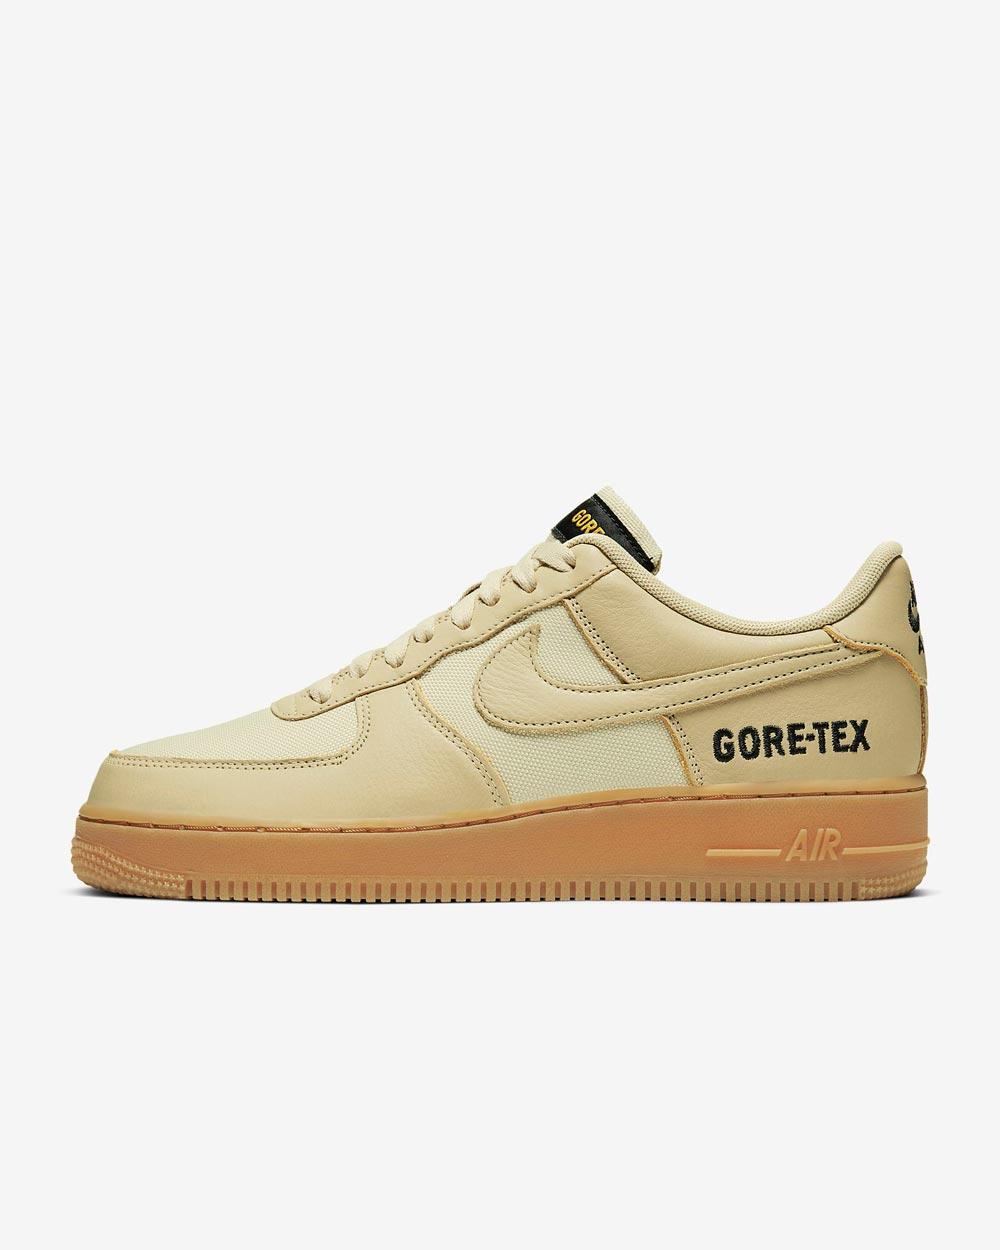 Nike Air Force 1 Low Gore Tex Collection Le Site de la Sneaker